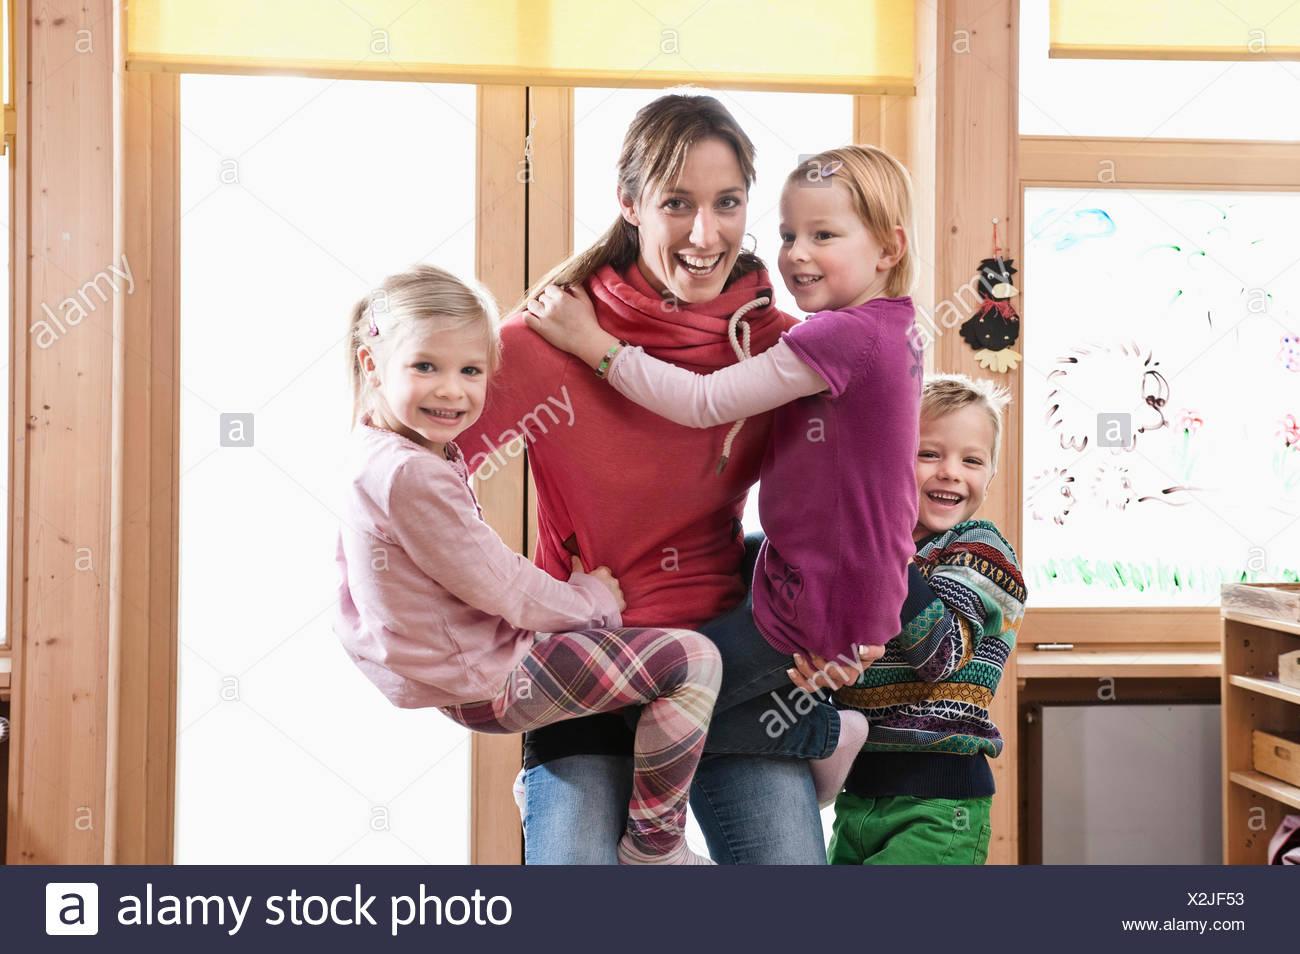 Educatore femmina scatenandosi con tre bambini in una scuola materna Immagini Stock